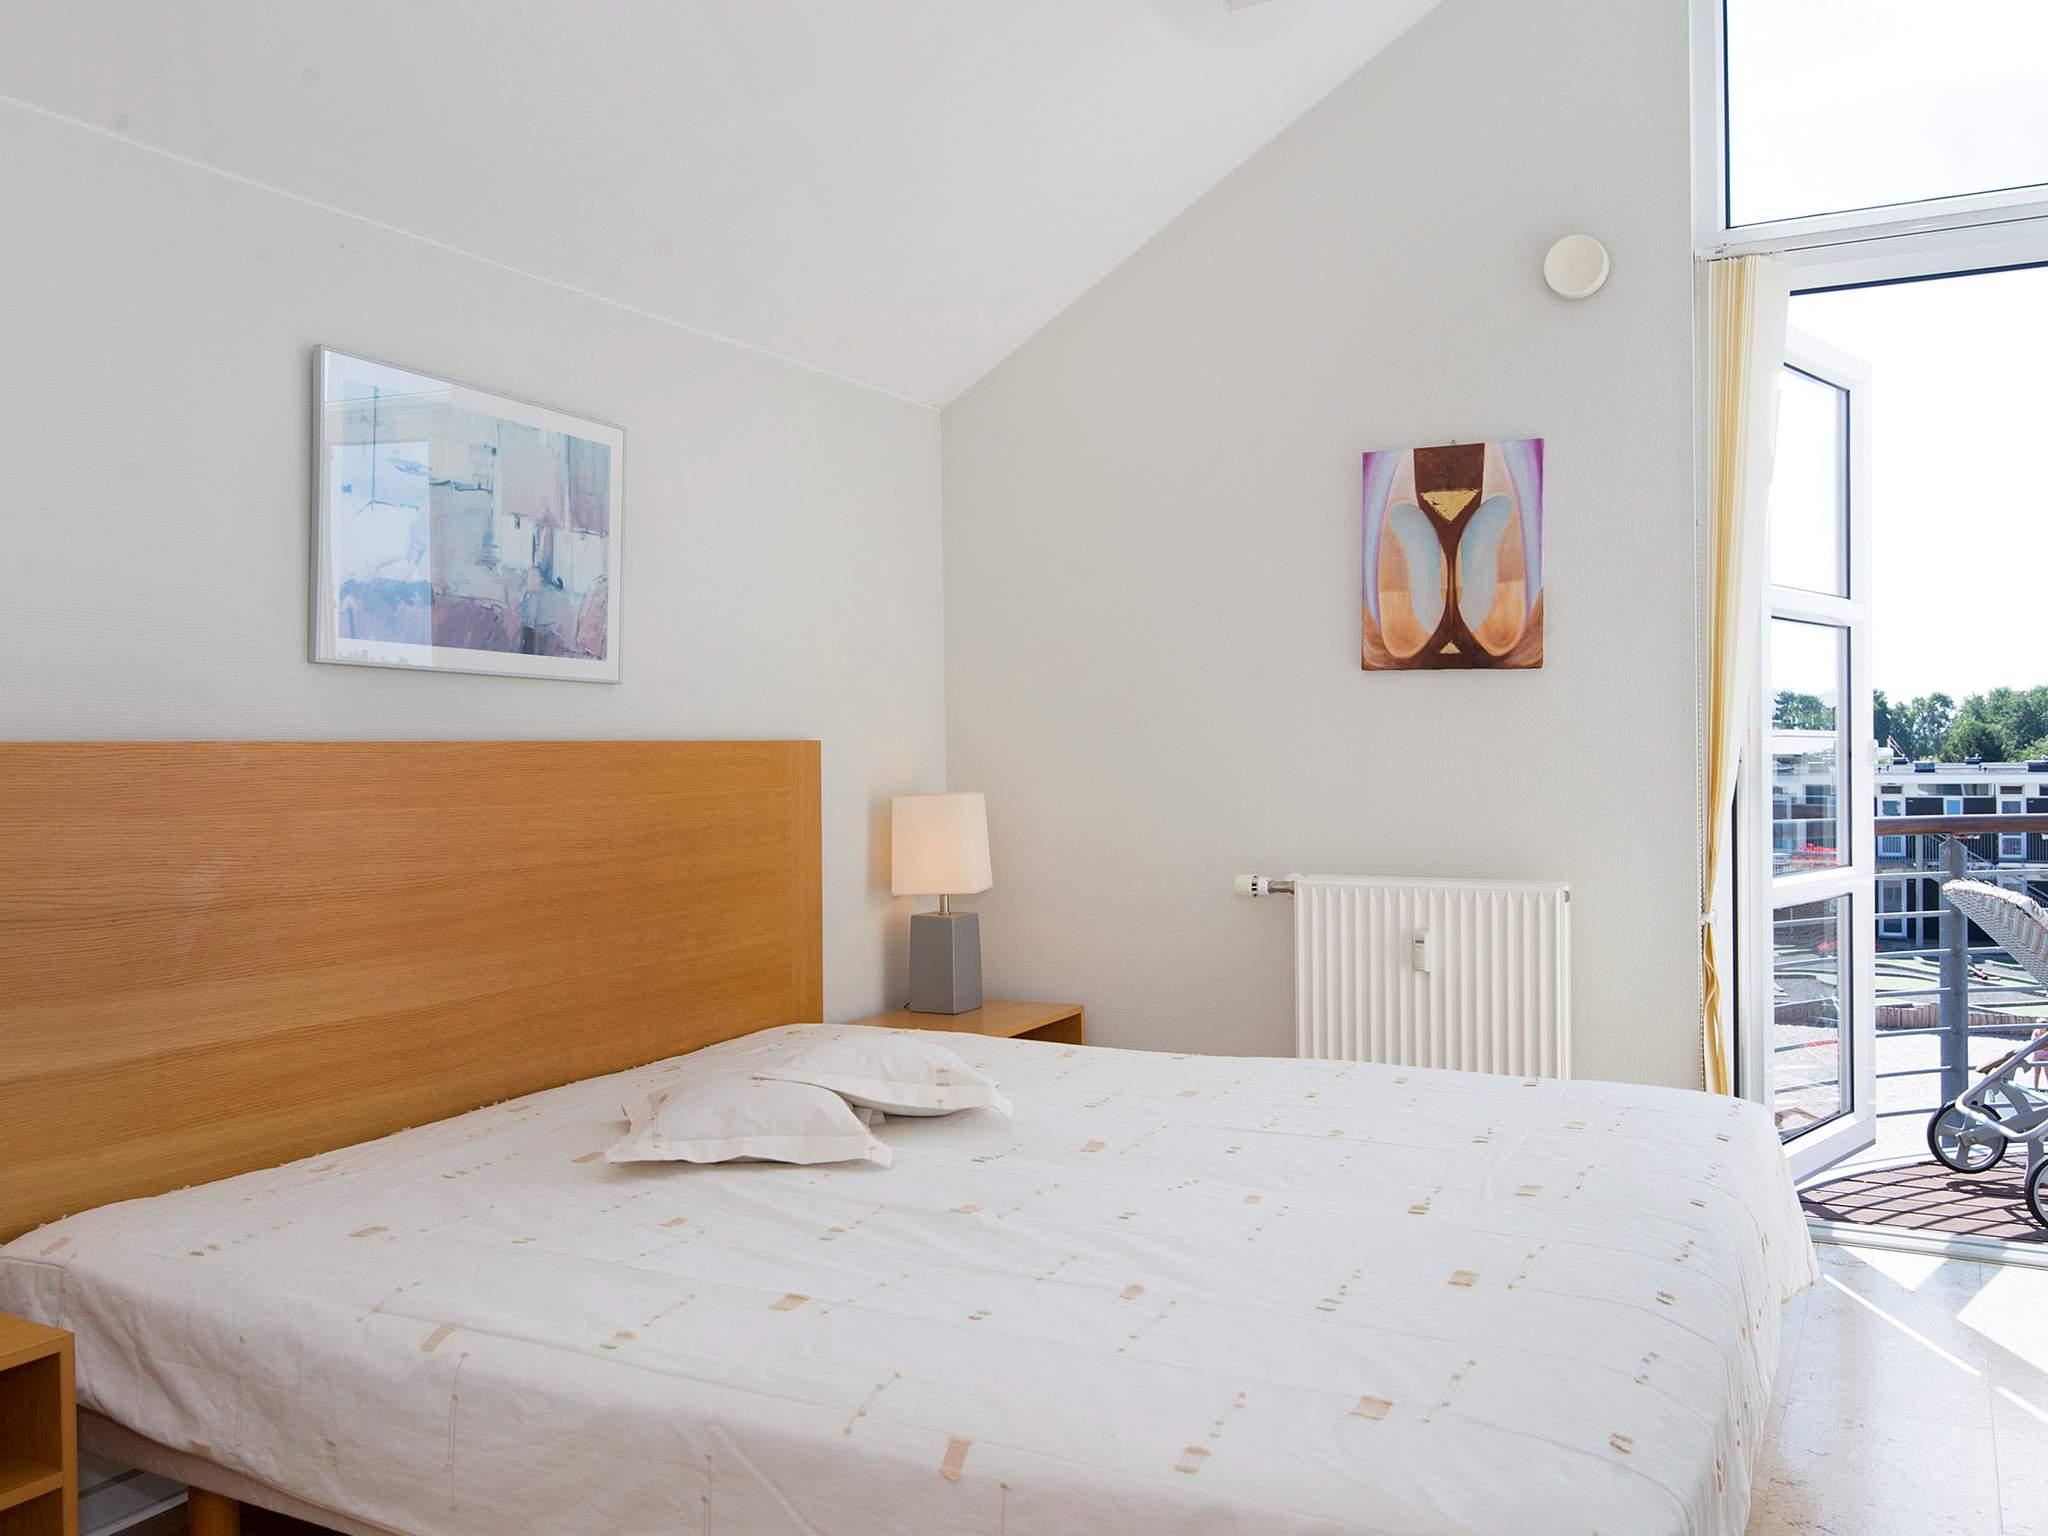 Ferienwohnung Bønnerup Strand - Typ 5 - 3 Zimmer,1.stock,Penthouse (1719346), Bønnerup, , Ostjütland, Dänemark, Bild 3